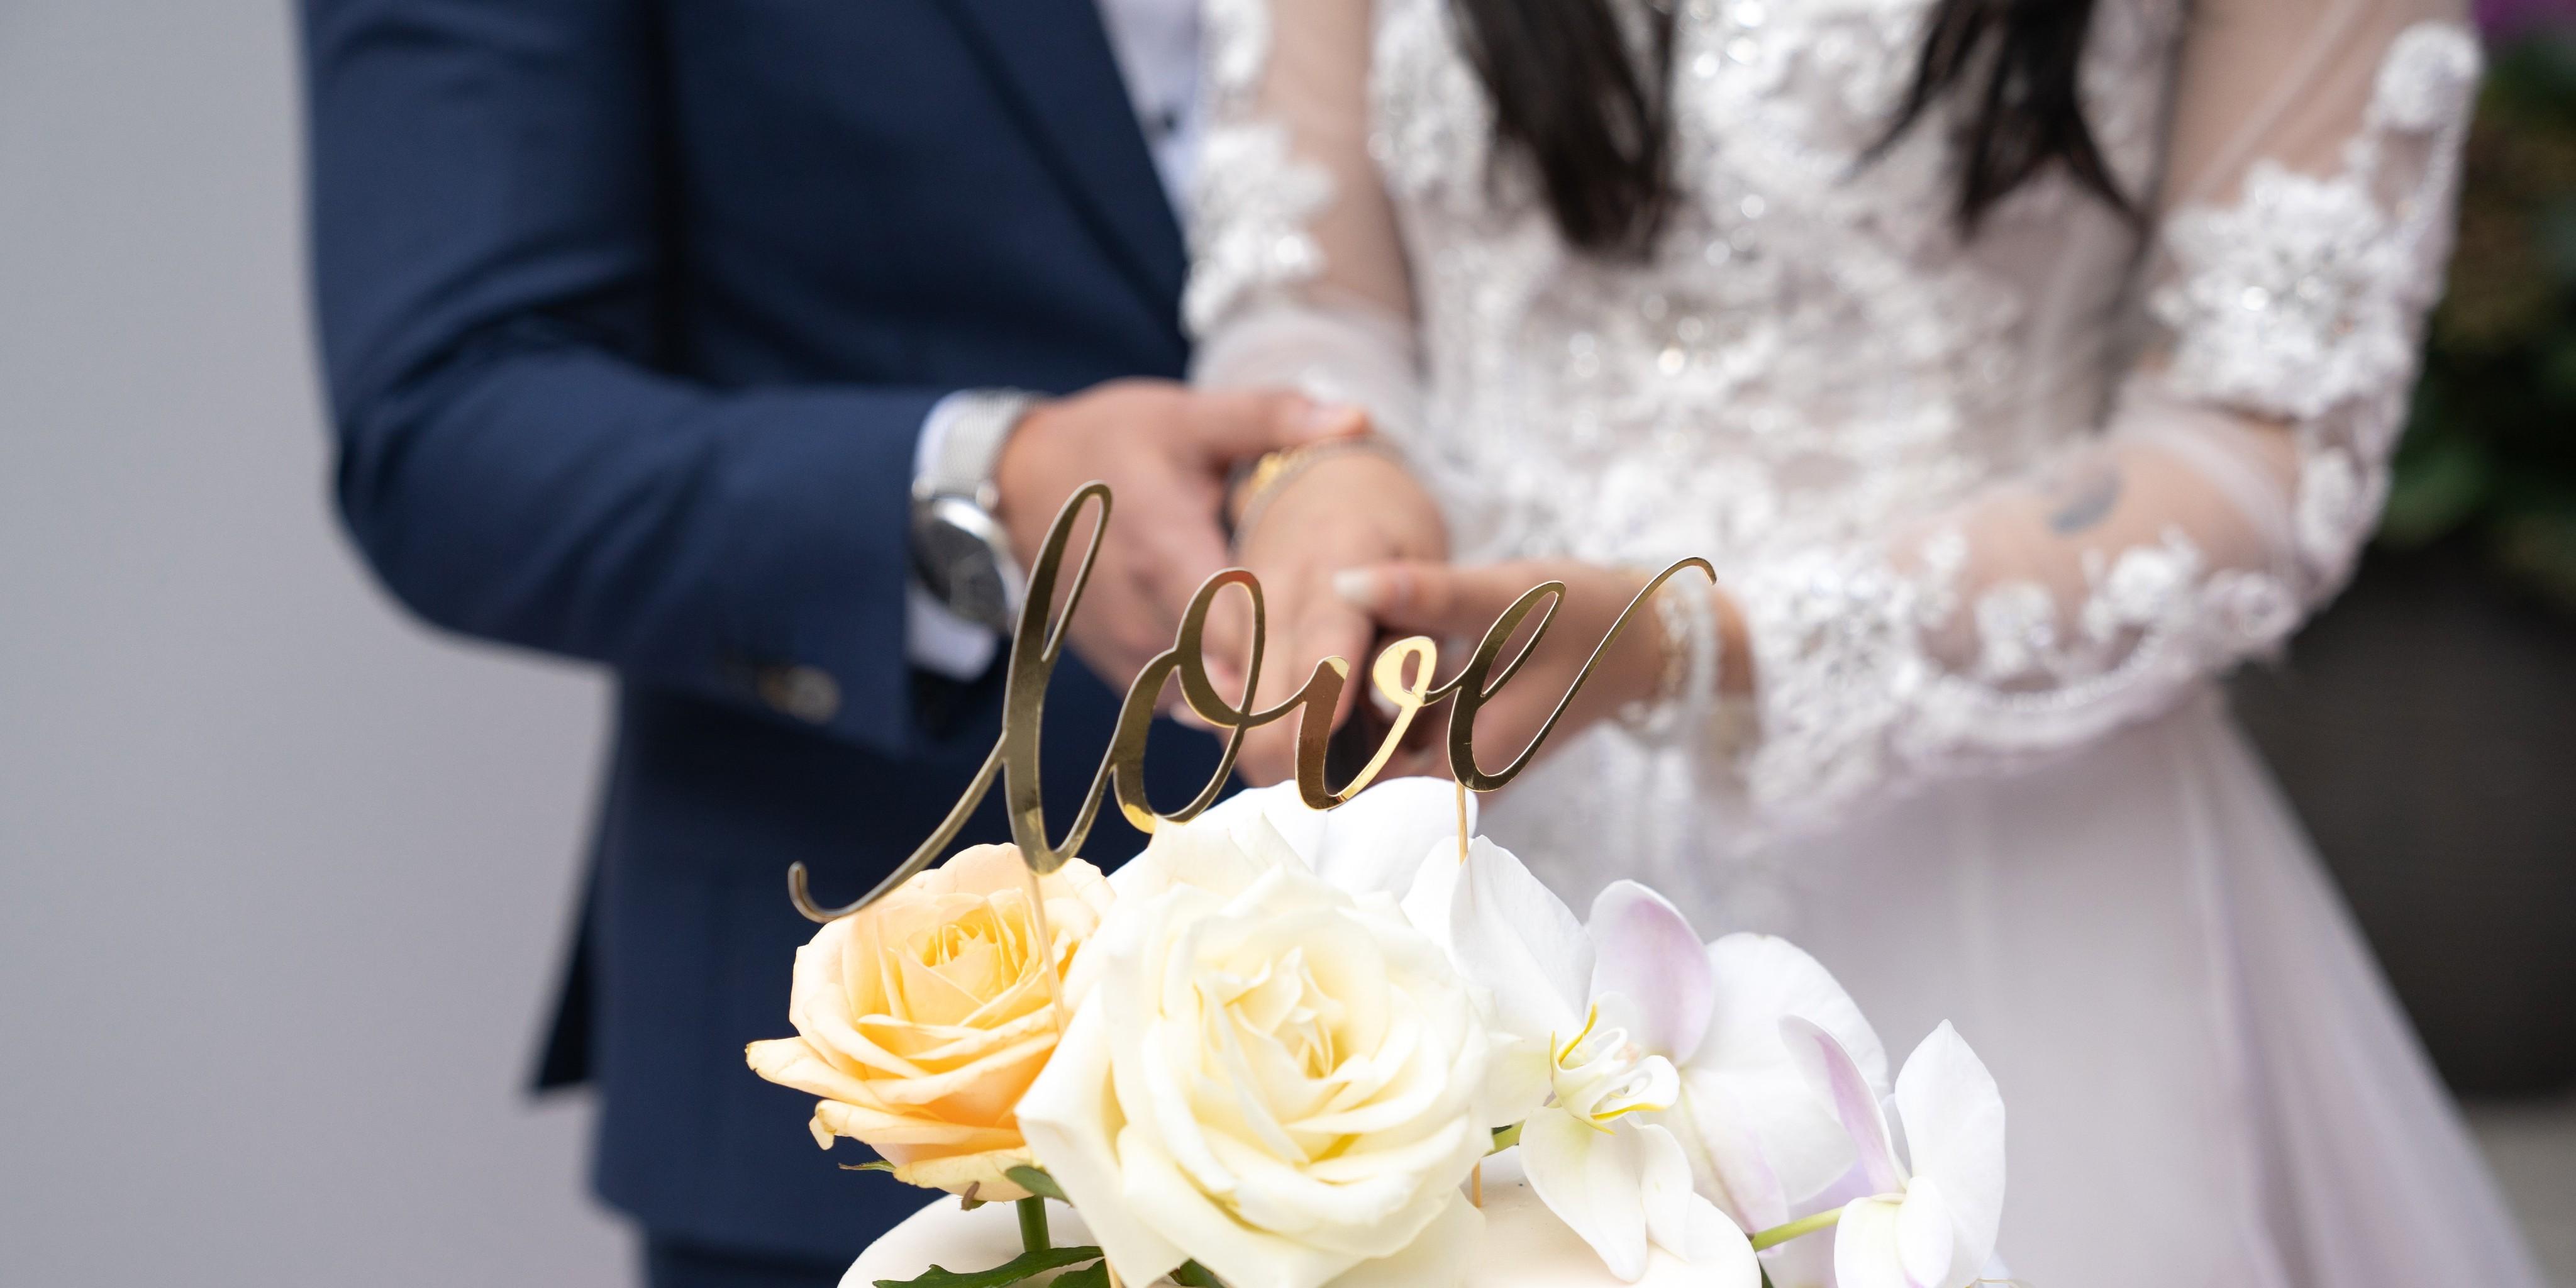 BONTON Pravila ponašanja na vjenčanju kojih biste se trebali pridržavati